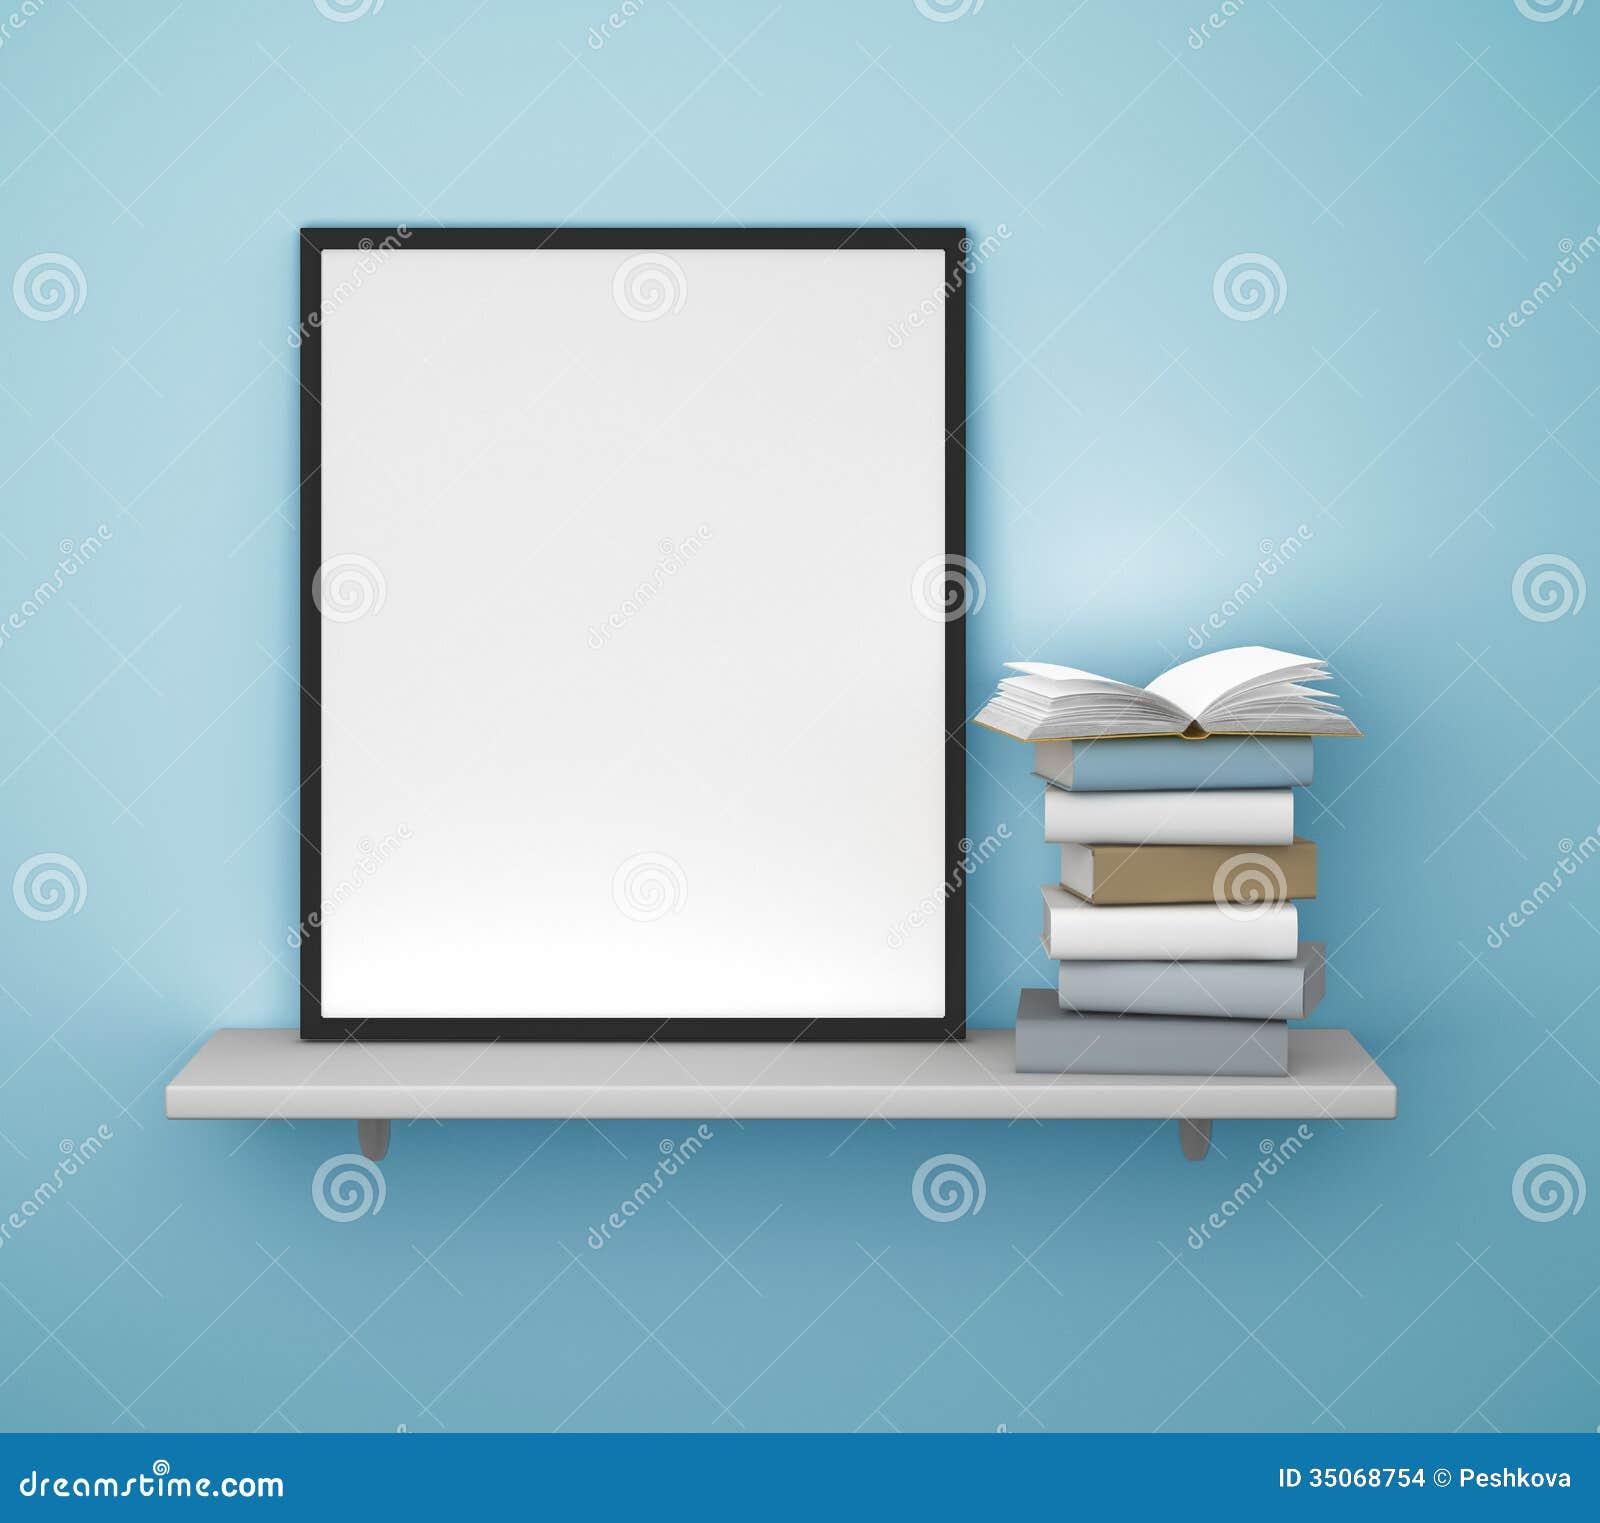 Regal mit Rahmen und Buch